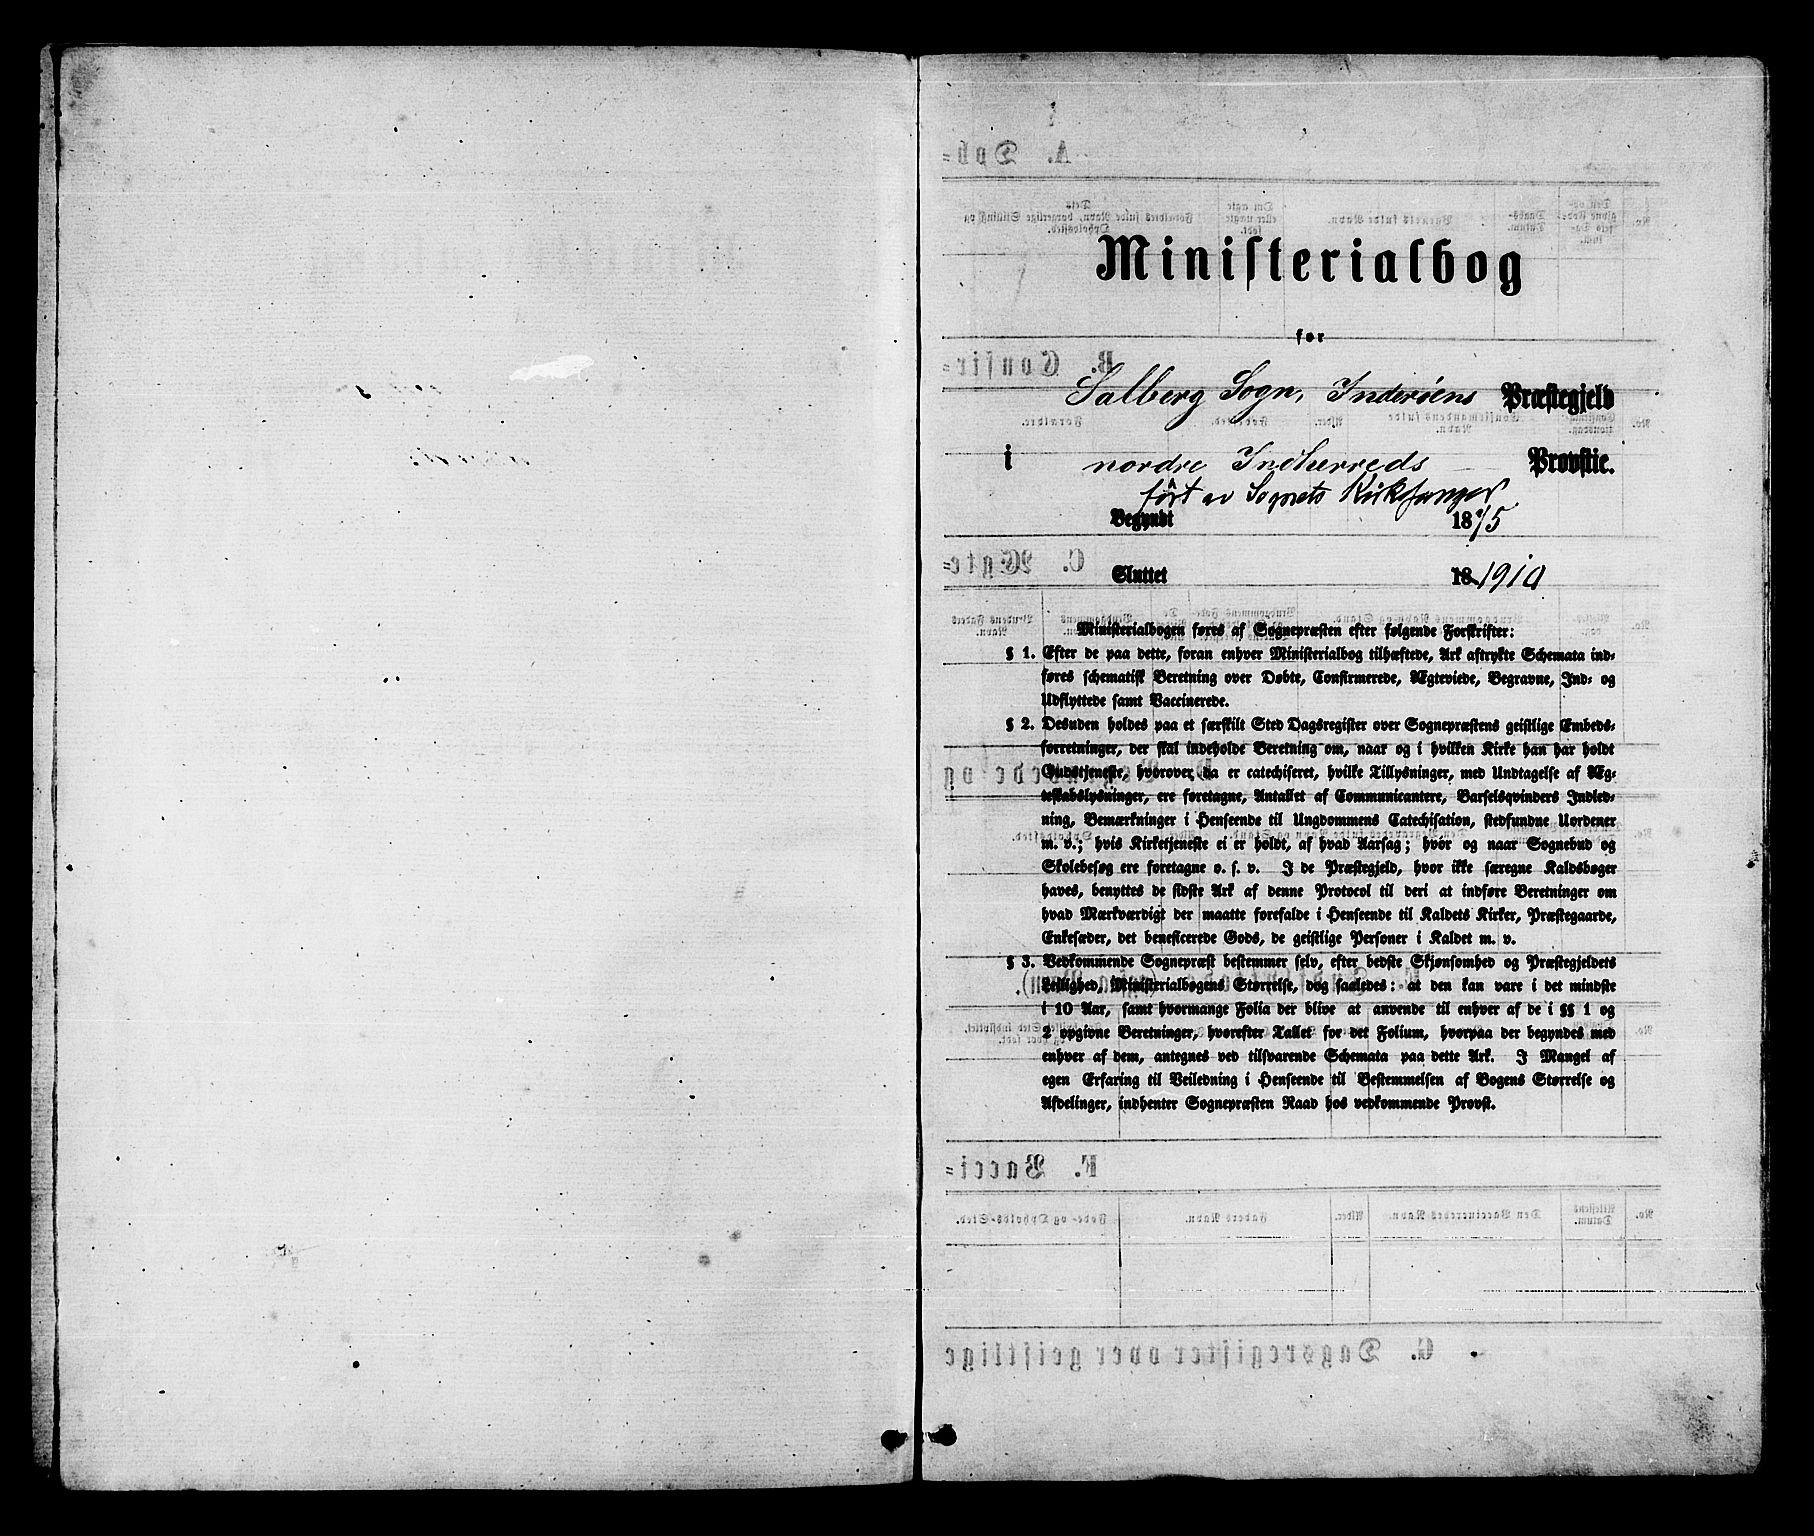 SAT, Ministerialprotokoller, klokkerbøker og fødselsregistre - Nord-Trøndelag, 731/L0311: Klokkerbok nr. 731C02, 1875-1911